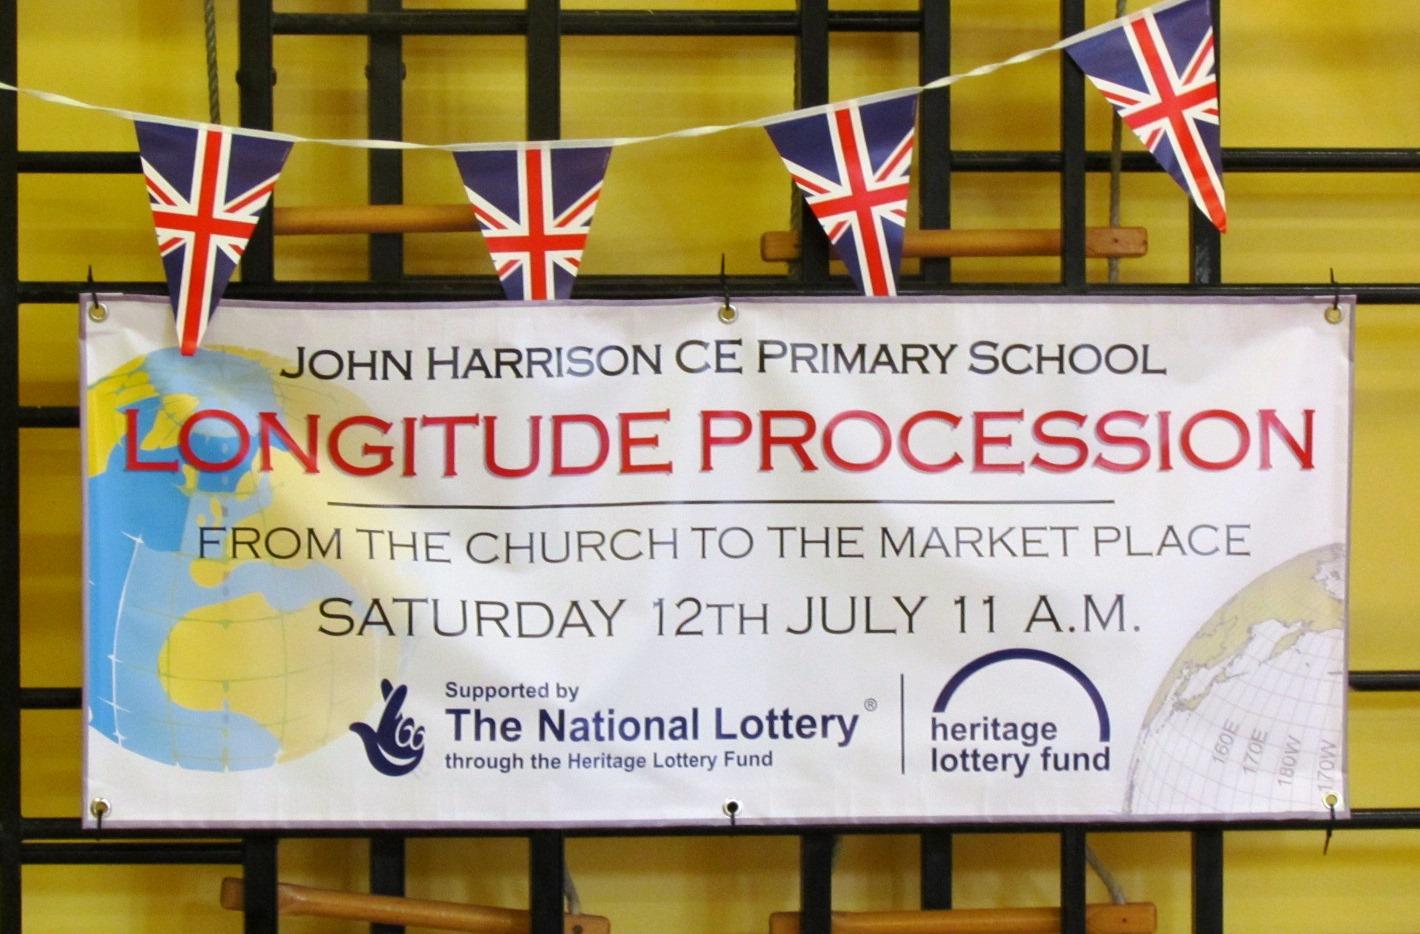 Longitude Procession by John Harrison School